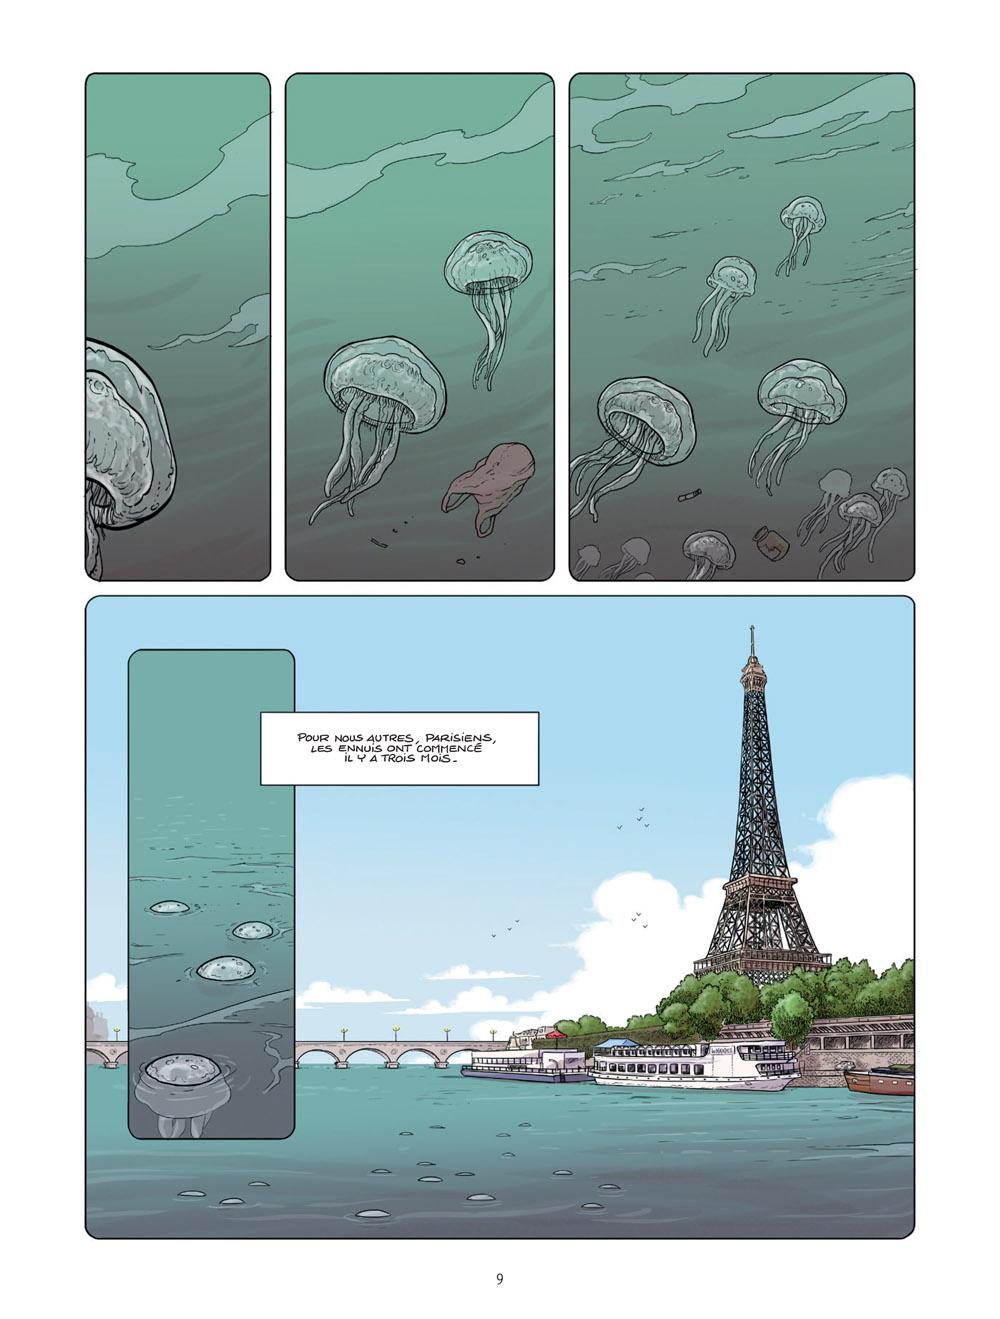 réfugiés climatiques & castagnettes #1 planche 5